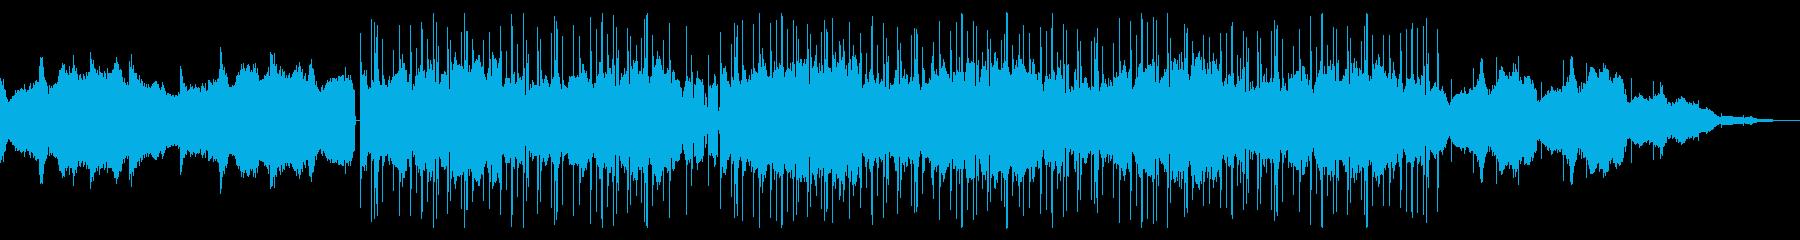 心の落ち着く優しいチル・ヒップホップの再生済みの波形